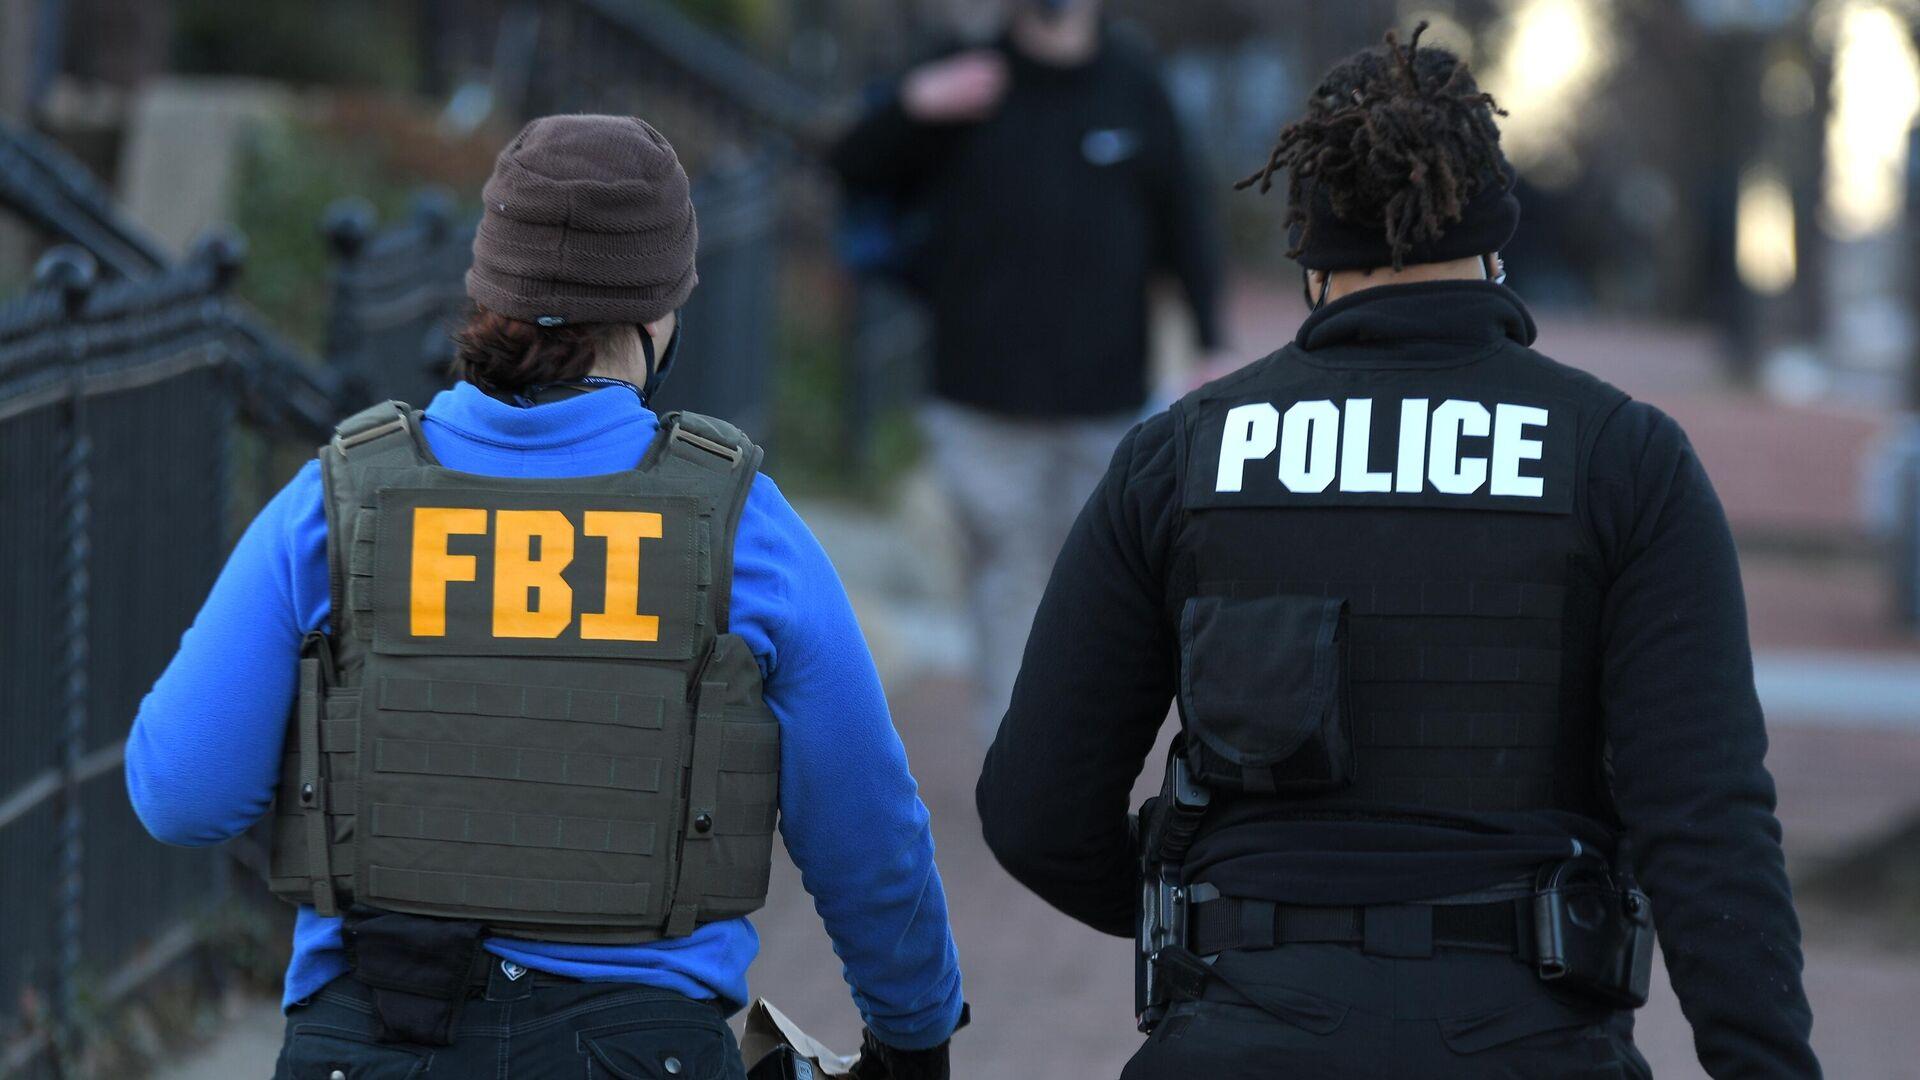 Сотрудники ФБР и полиции у здания Капитолия в Вашингтоне - РИА Новости, 1920, 05.02.2021